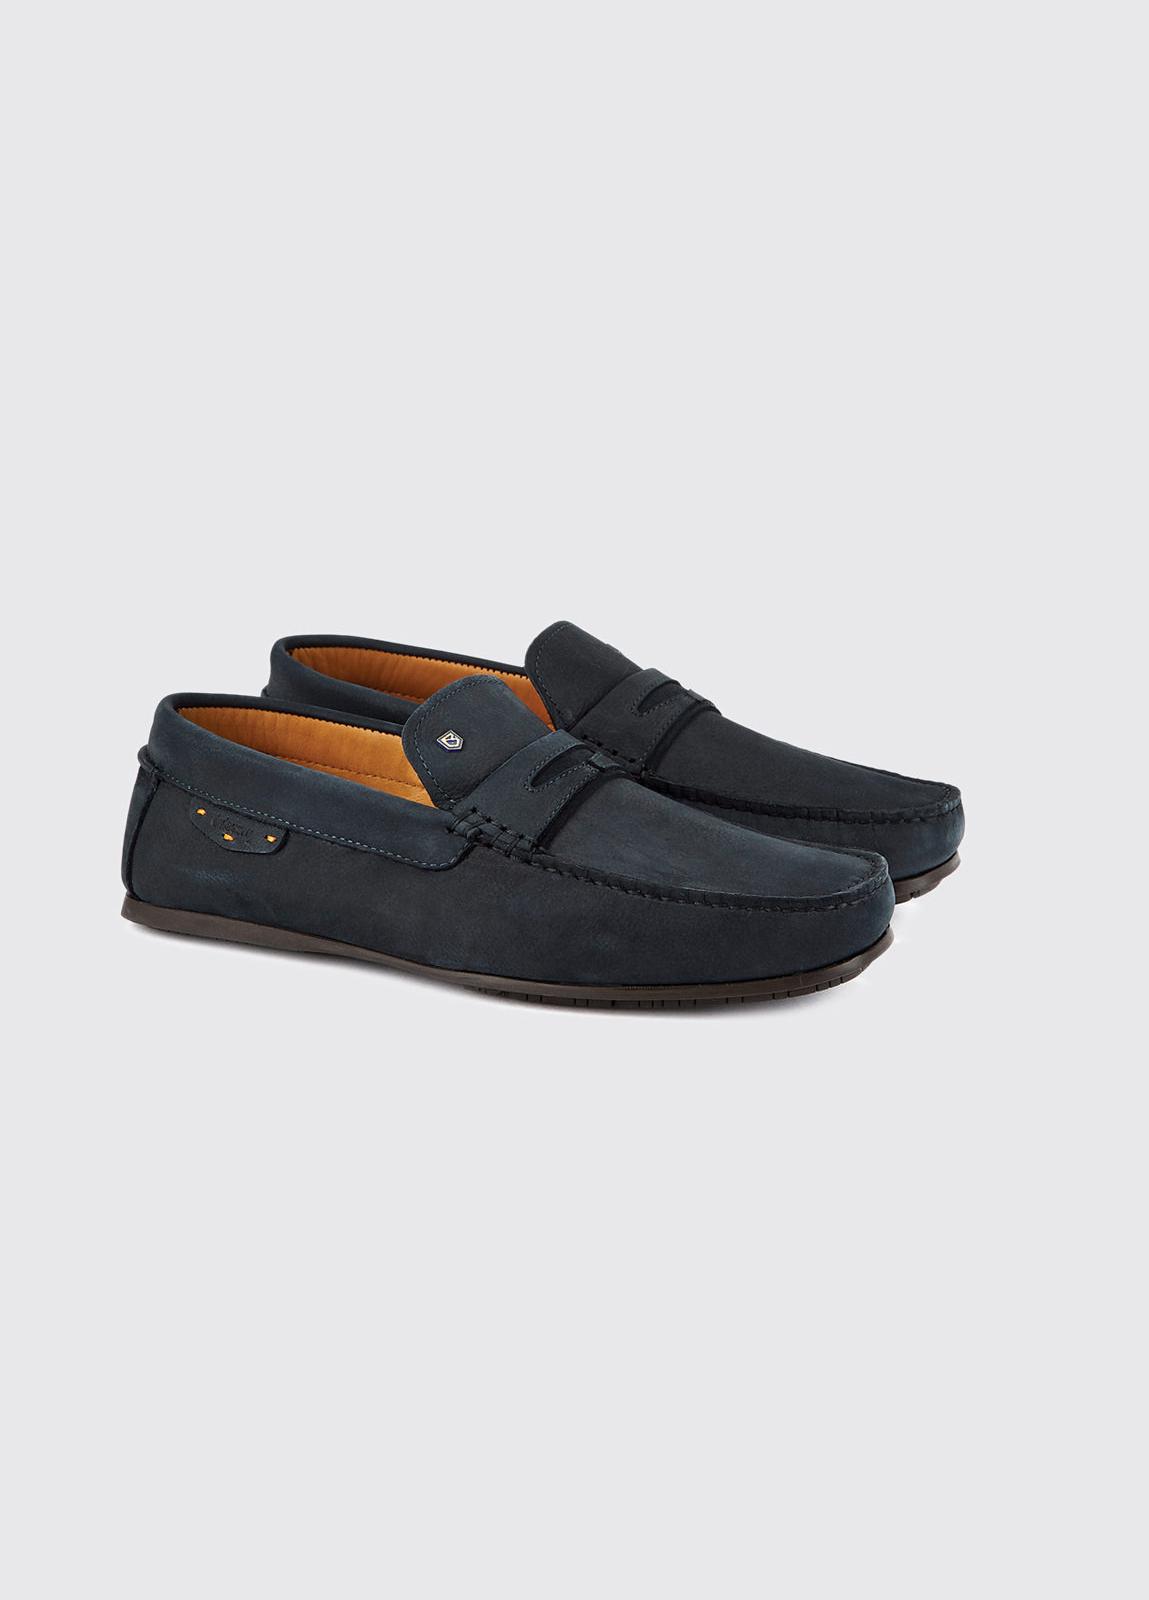 Trinidad Loafer - Navy